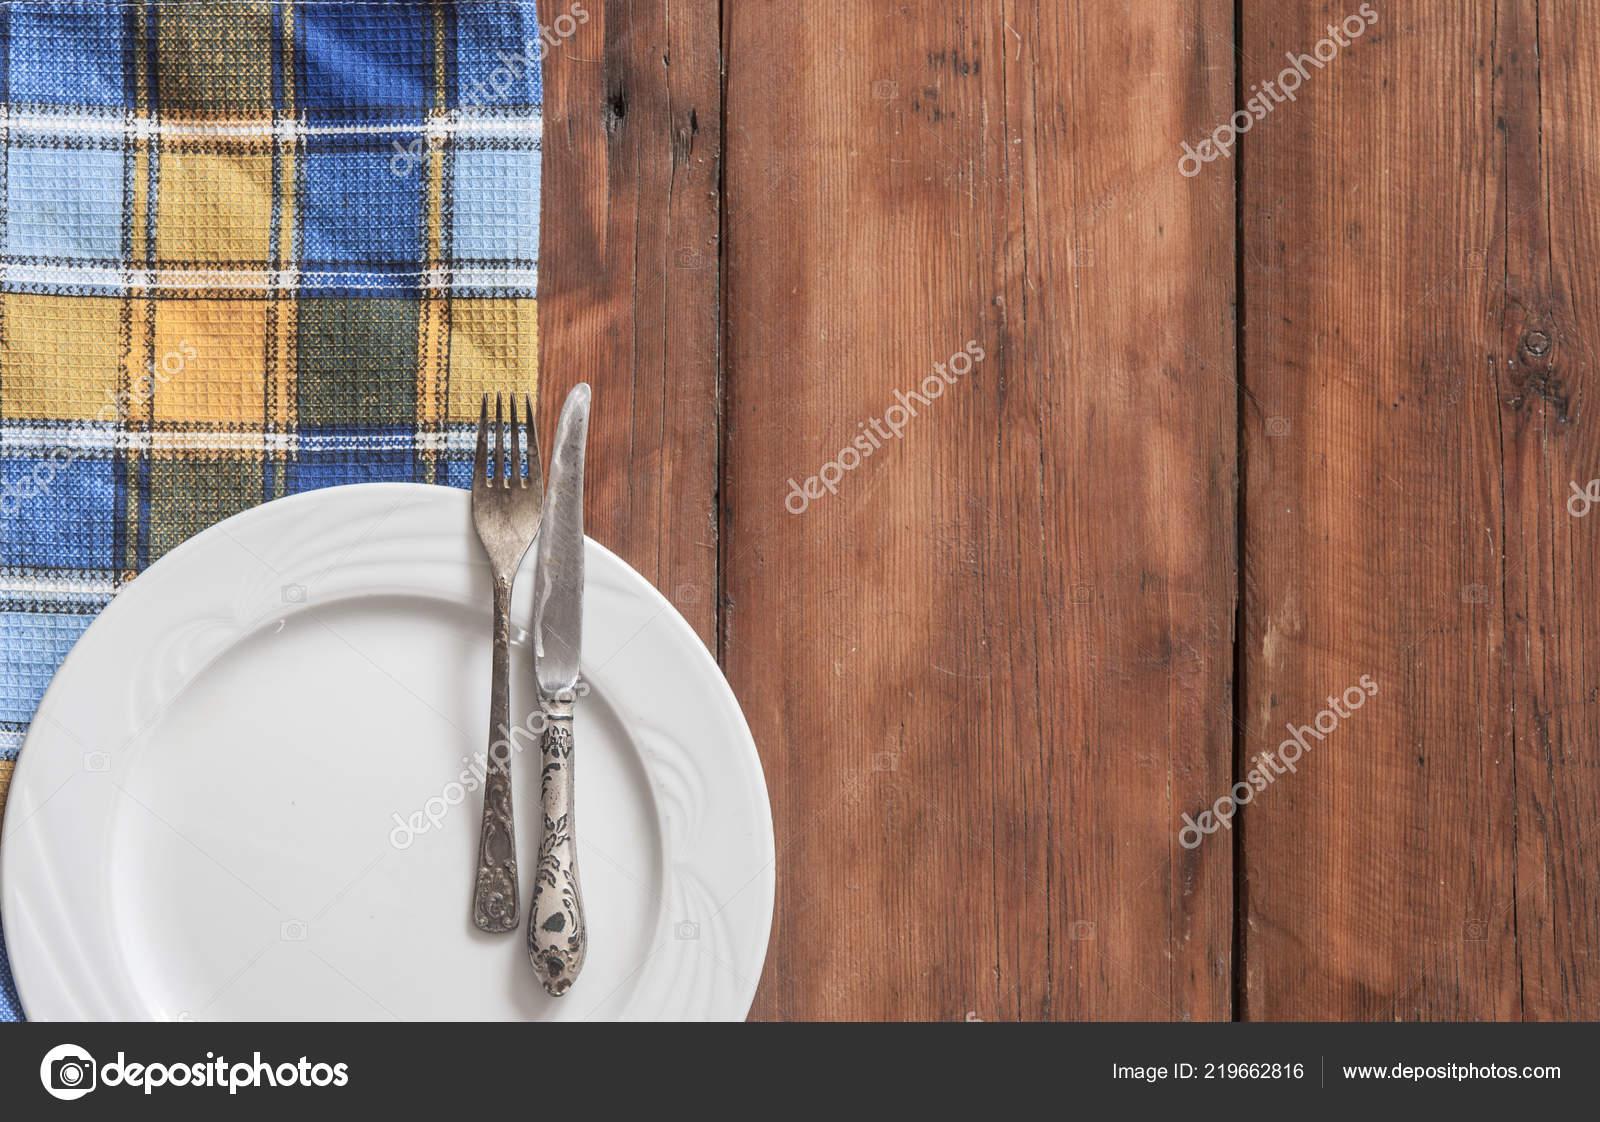 Rustikale Tischdekoration Mit Besteck Und Bunte Serviette Auf